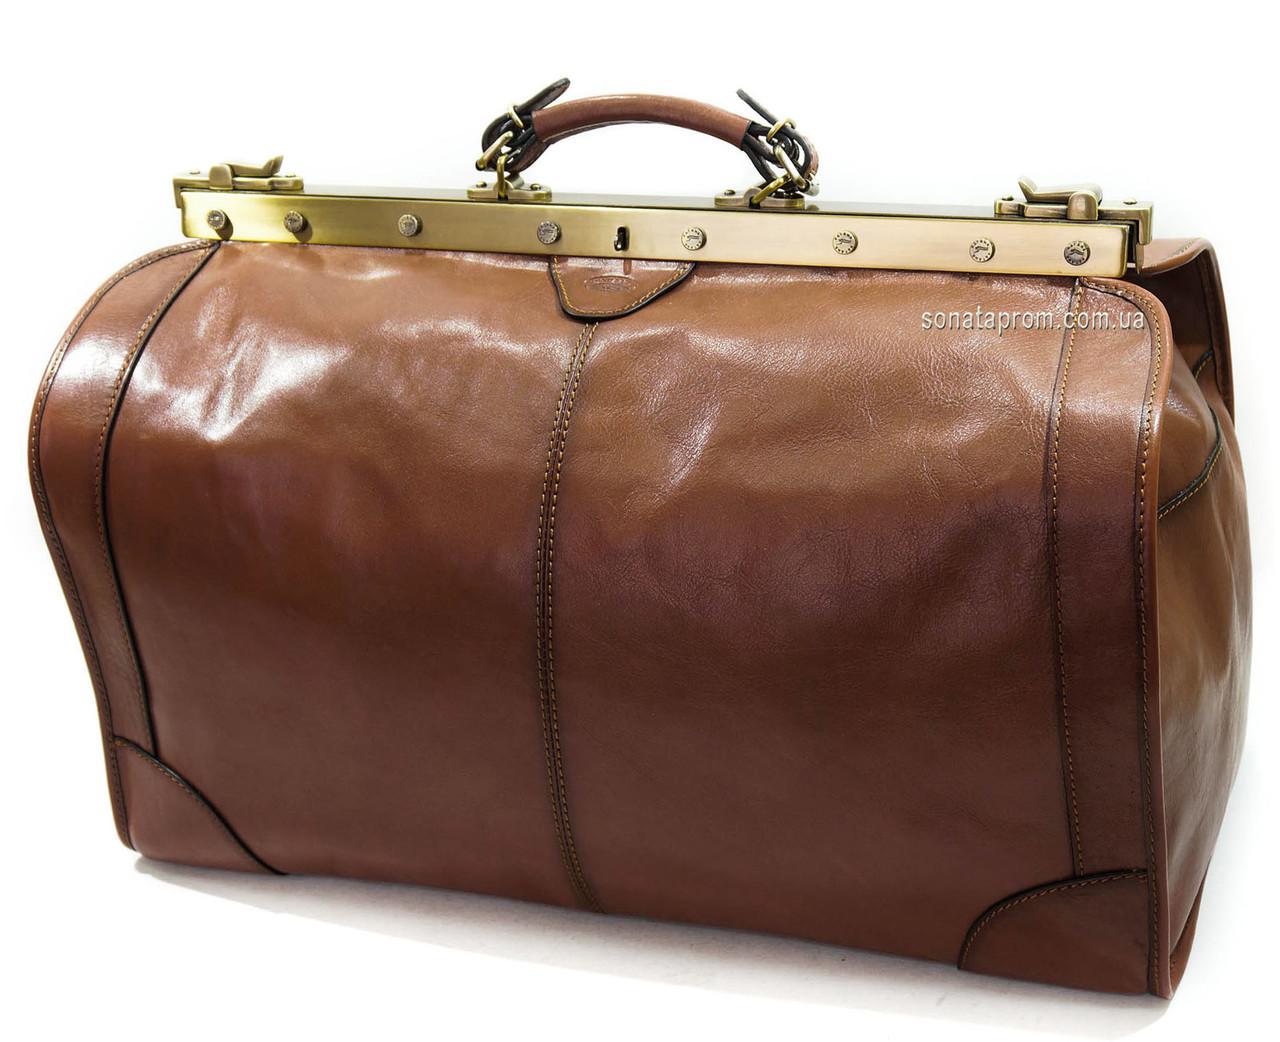 11c62cf09328 Саквояж кожаный Katana 8256 Франция, цена 4 859,10 грн., купить в ...